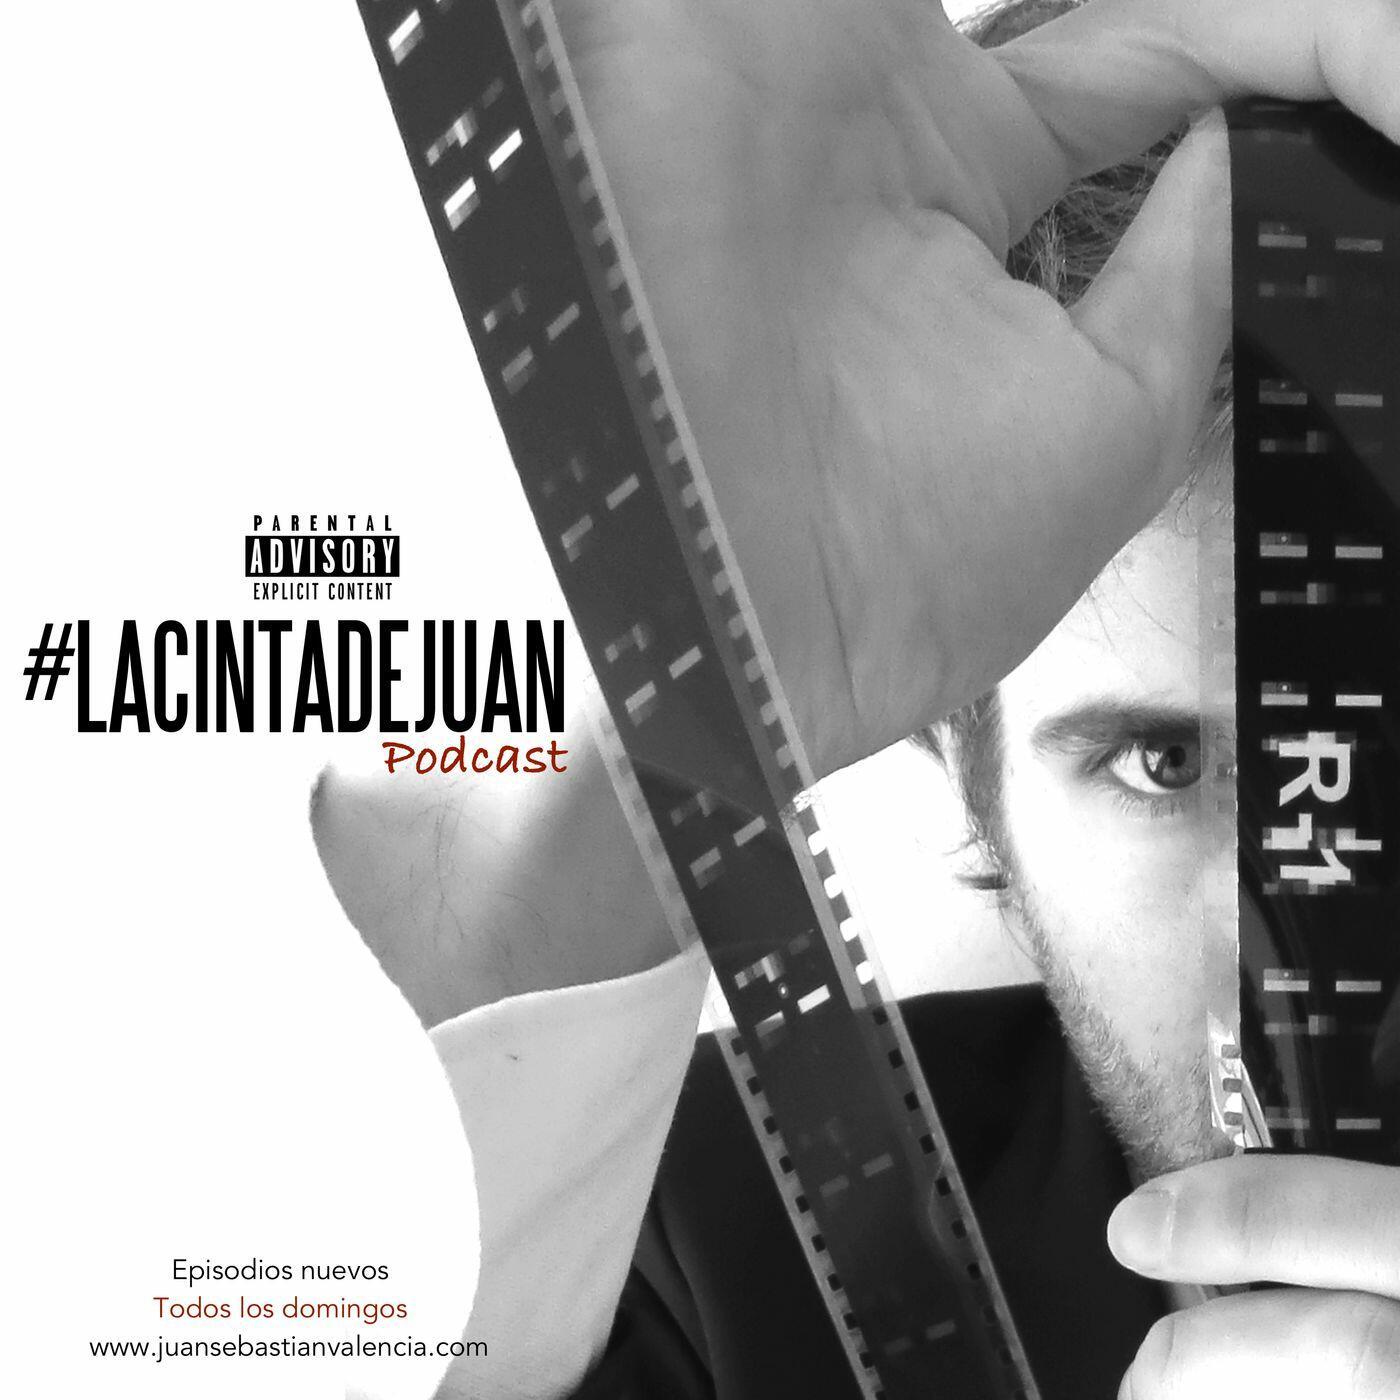 La Cinta de Juan